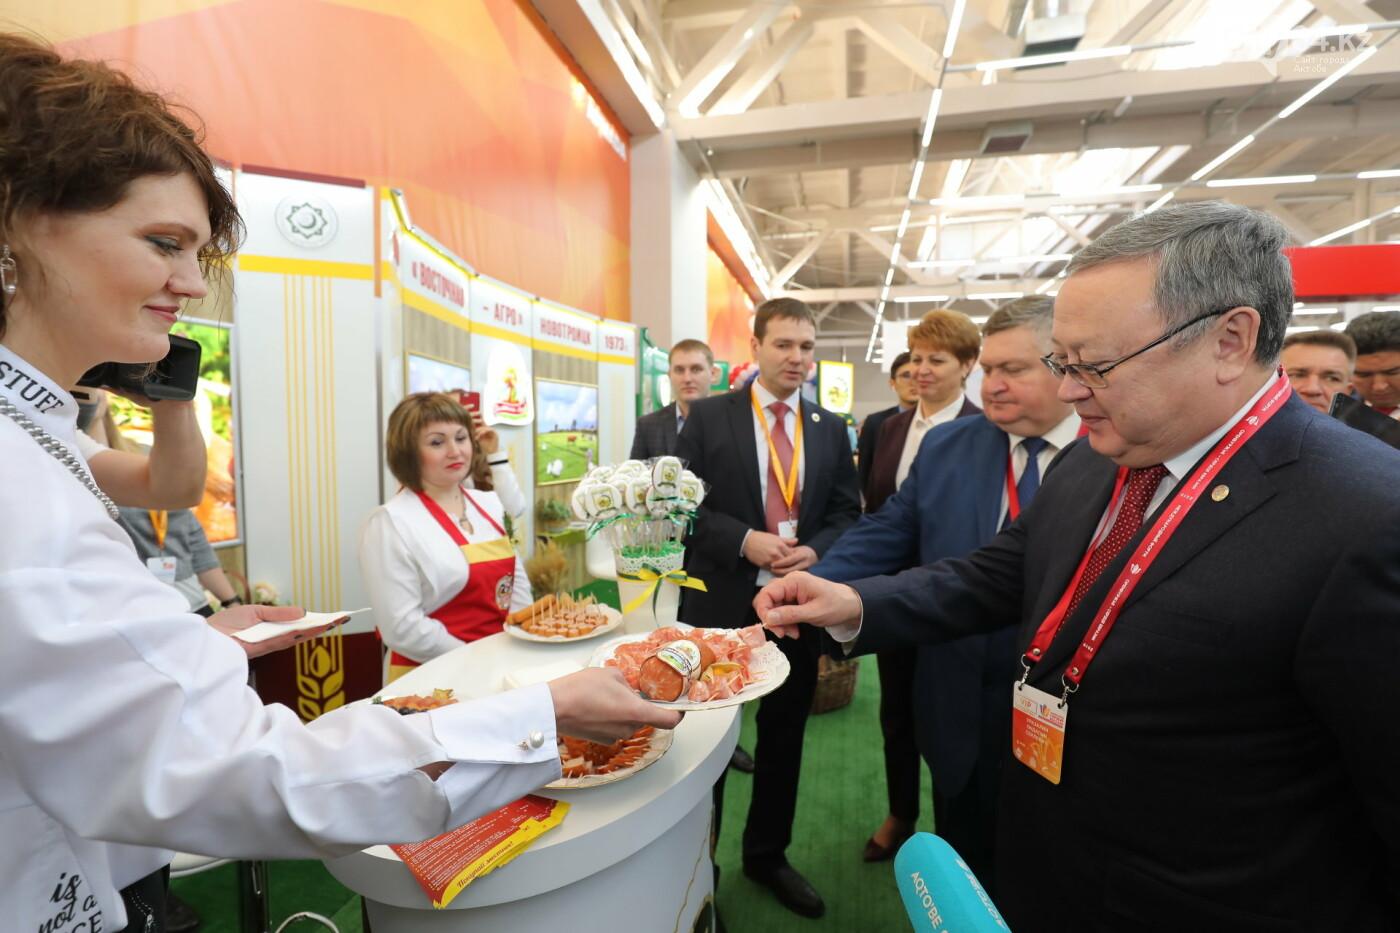 Актюбинцы представляют продукцию на международной выставке в Оренбурге, фото-3